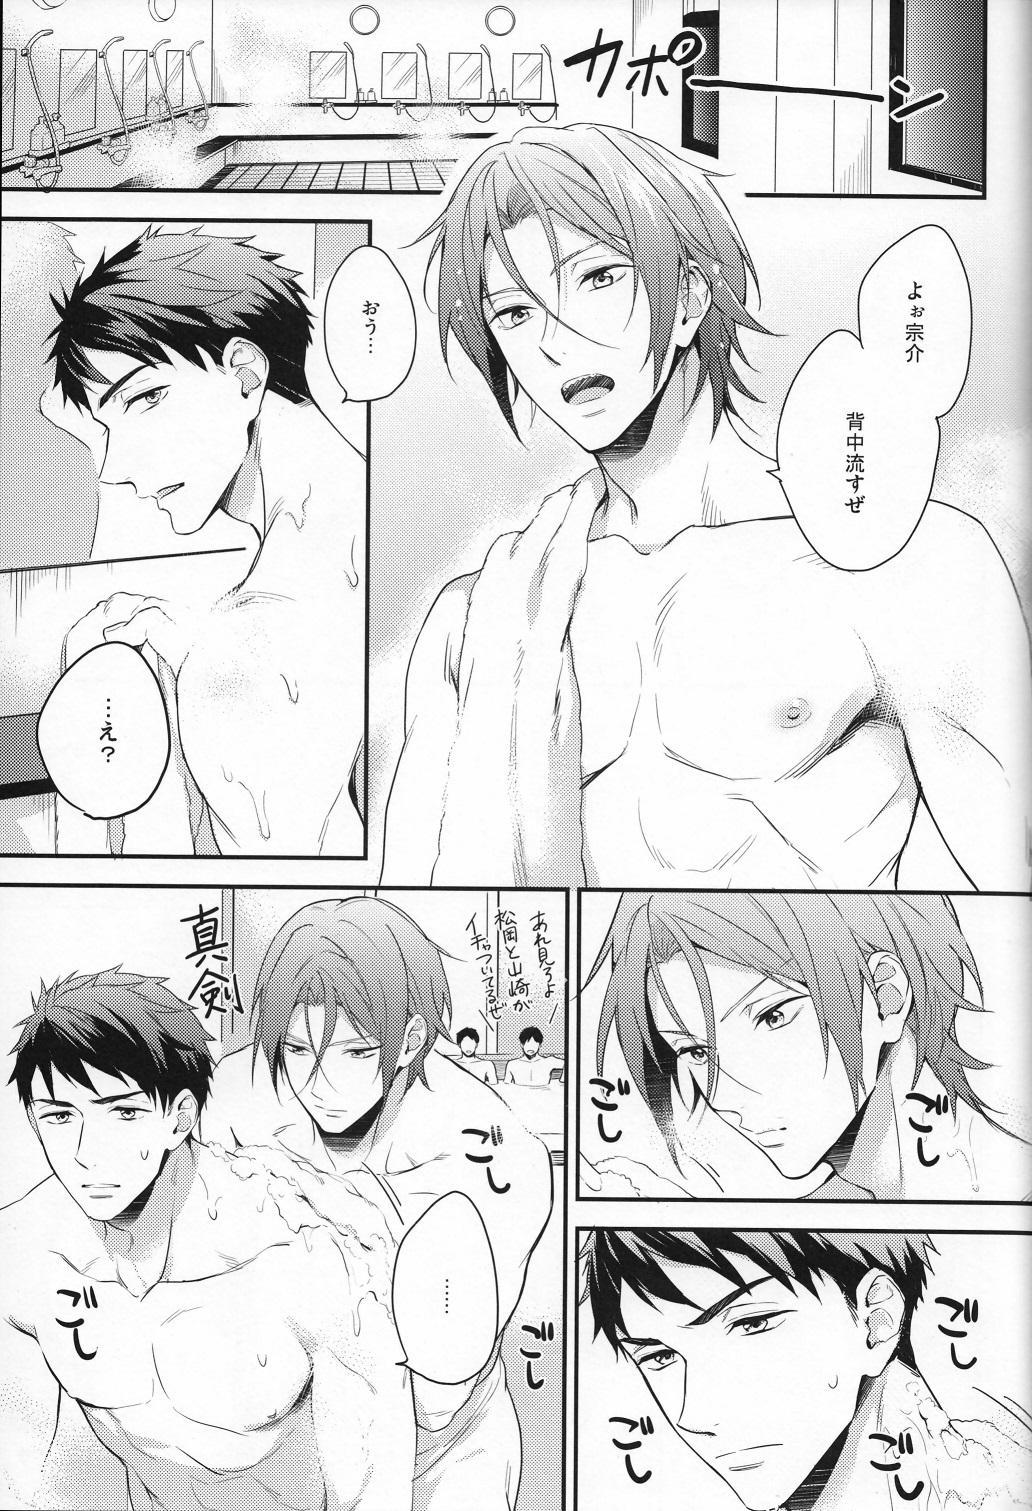 Sousuke no Kata wa Ore ga Mamoru! 1